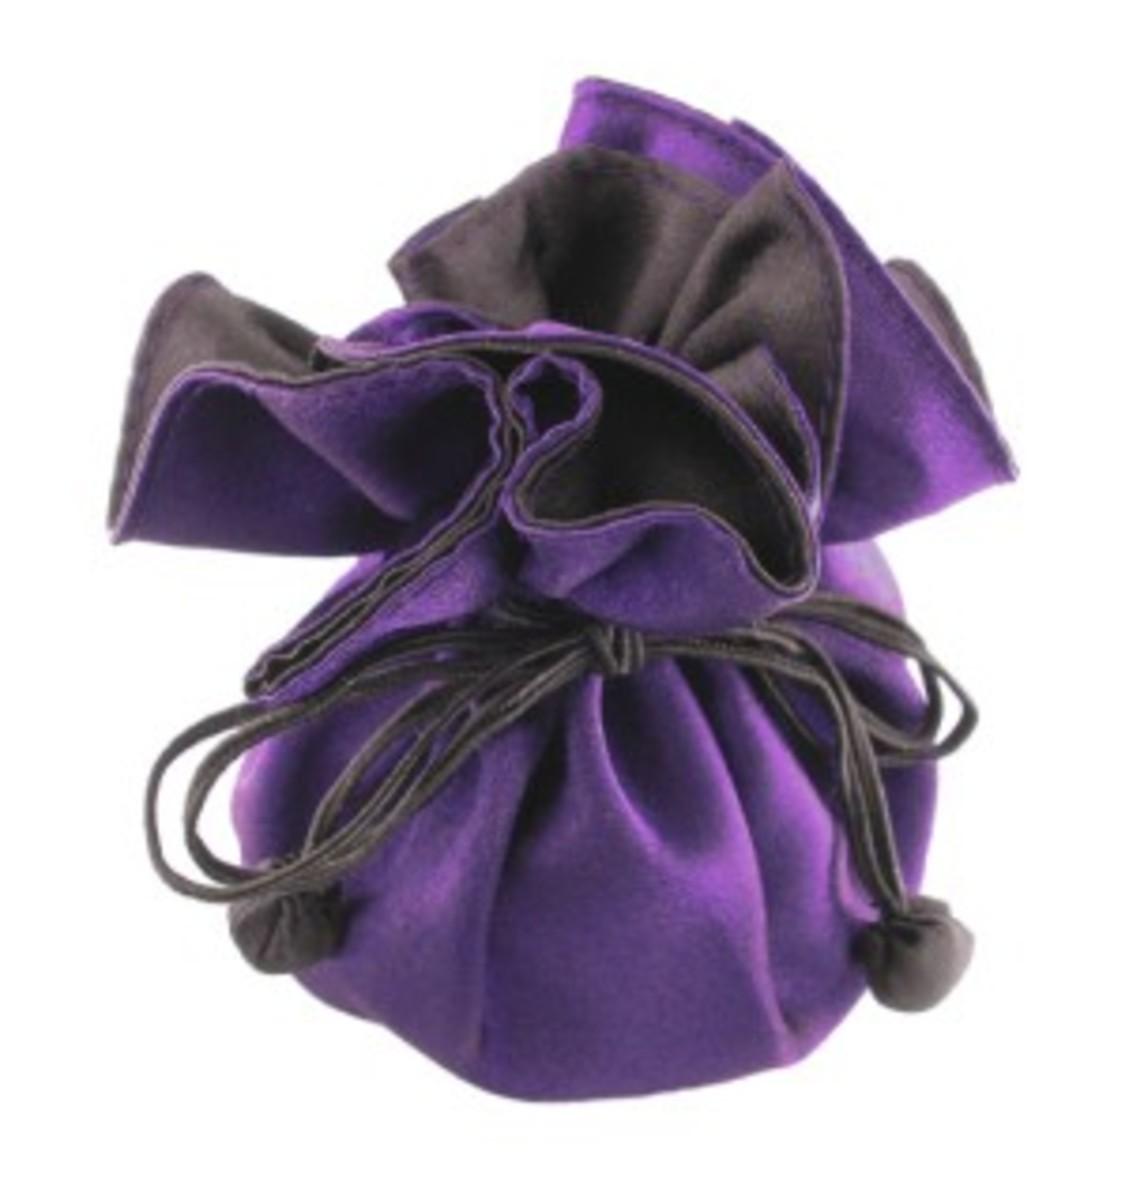 Elegant jewelry pouch